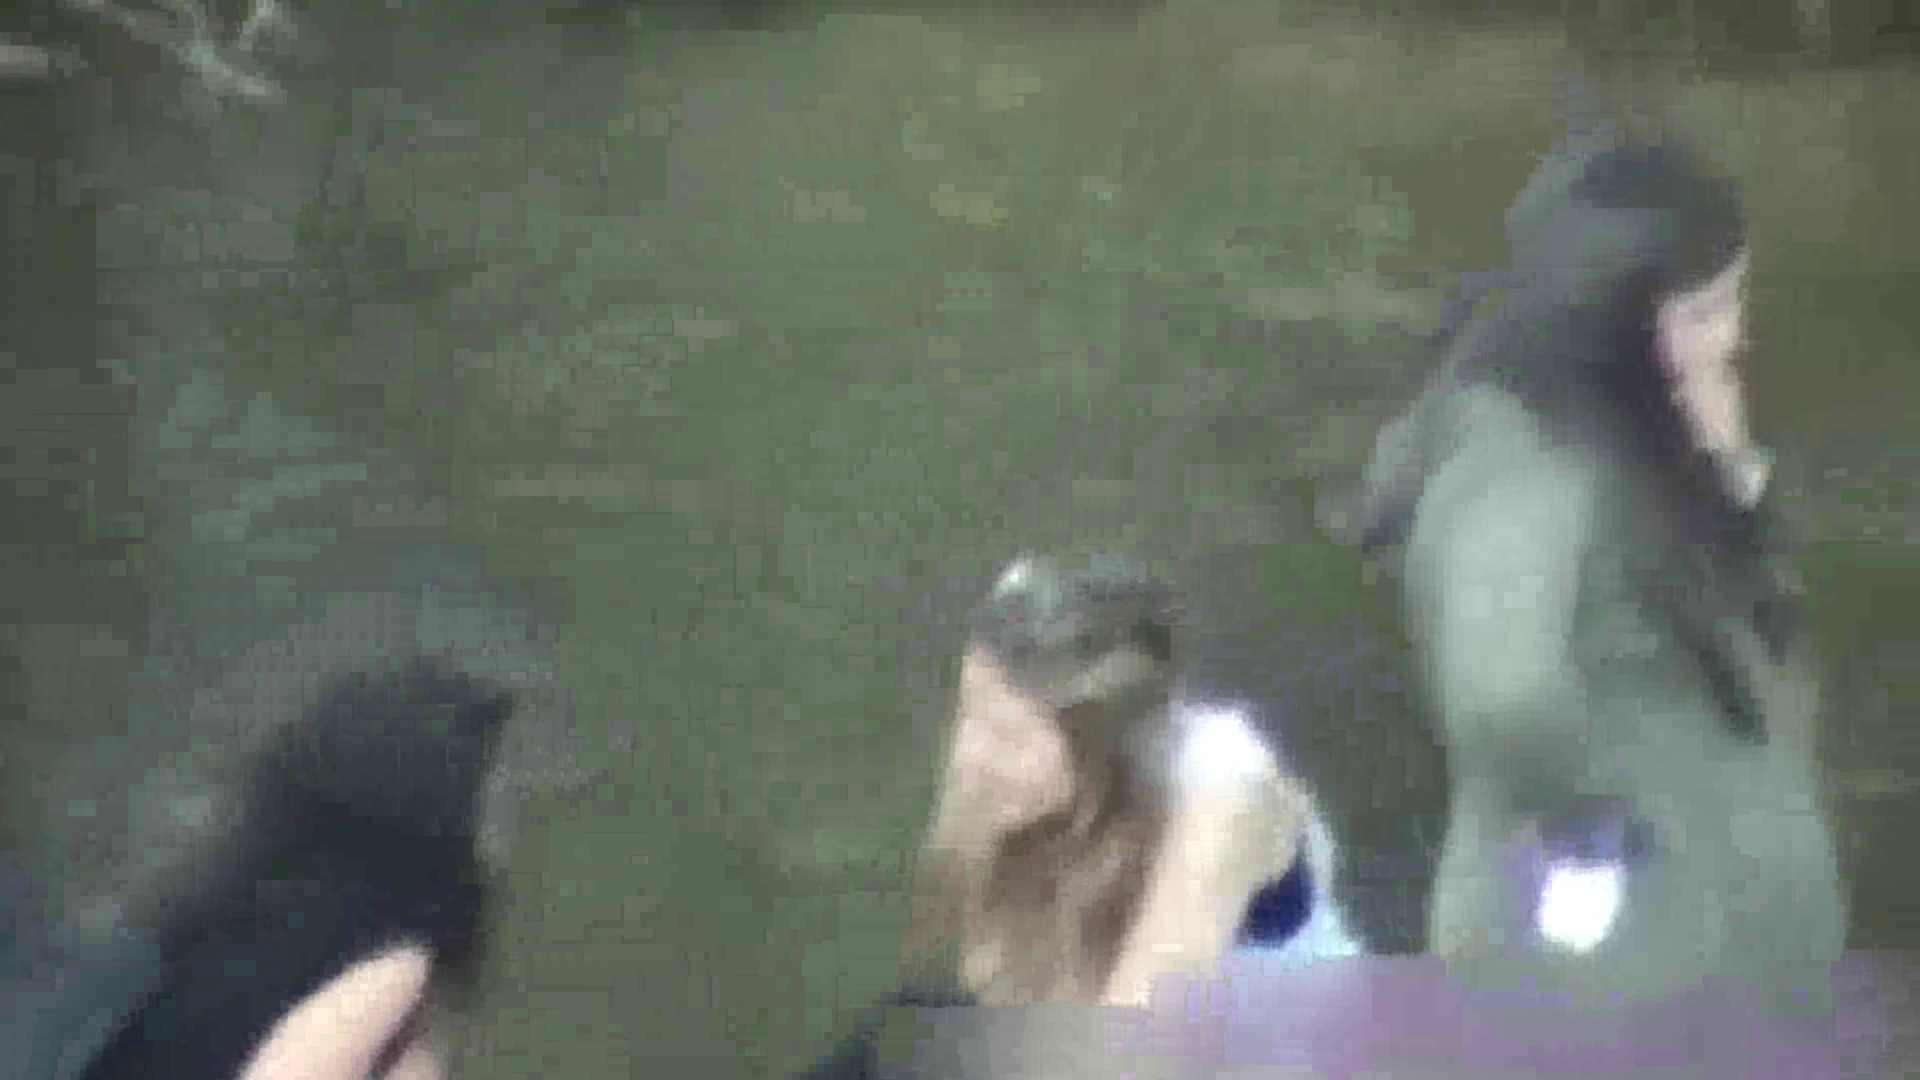 ハプニングッド!妖精達のオシッコ Vol.03 ギャルのエロ動画 | ハプニング映像  75PIX 39